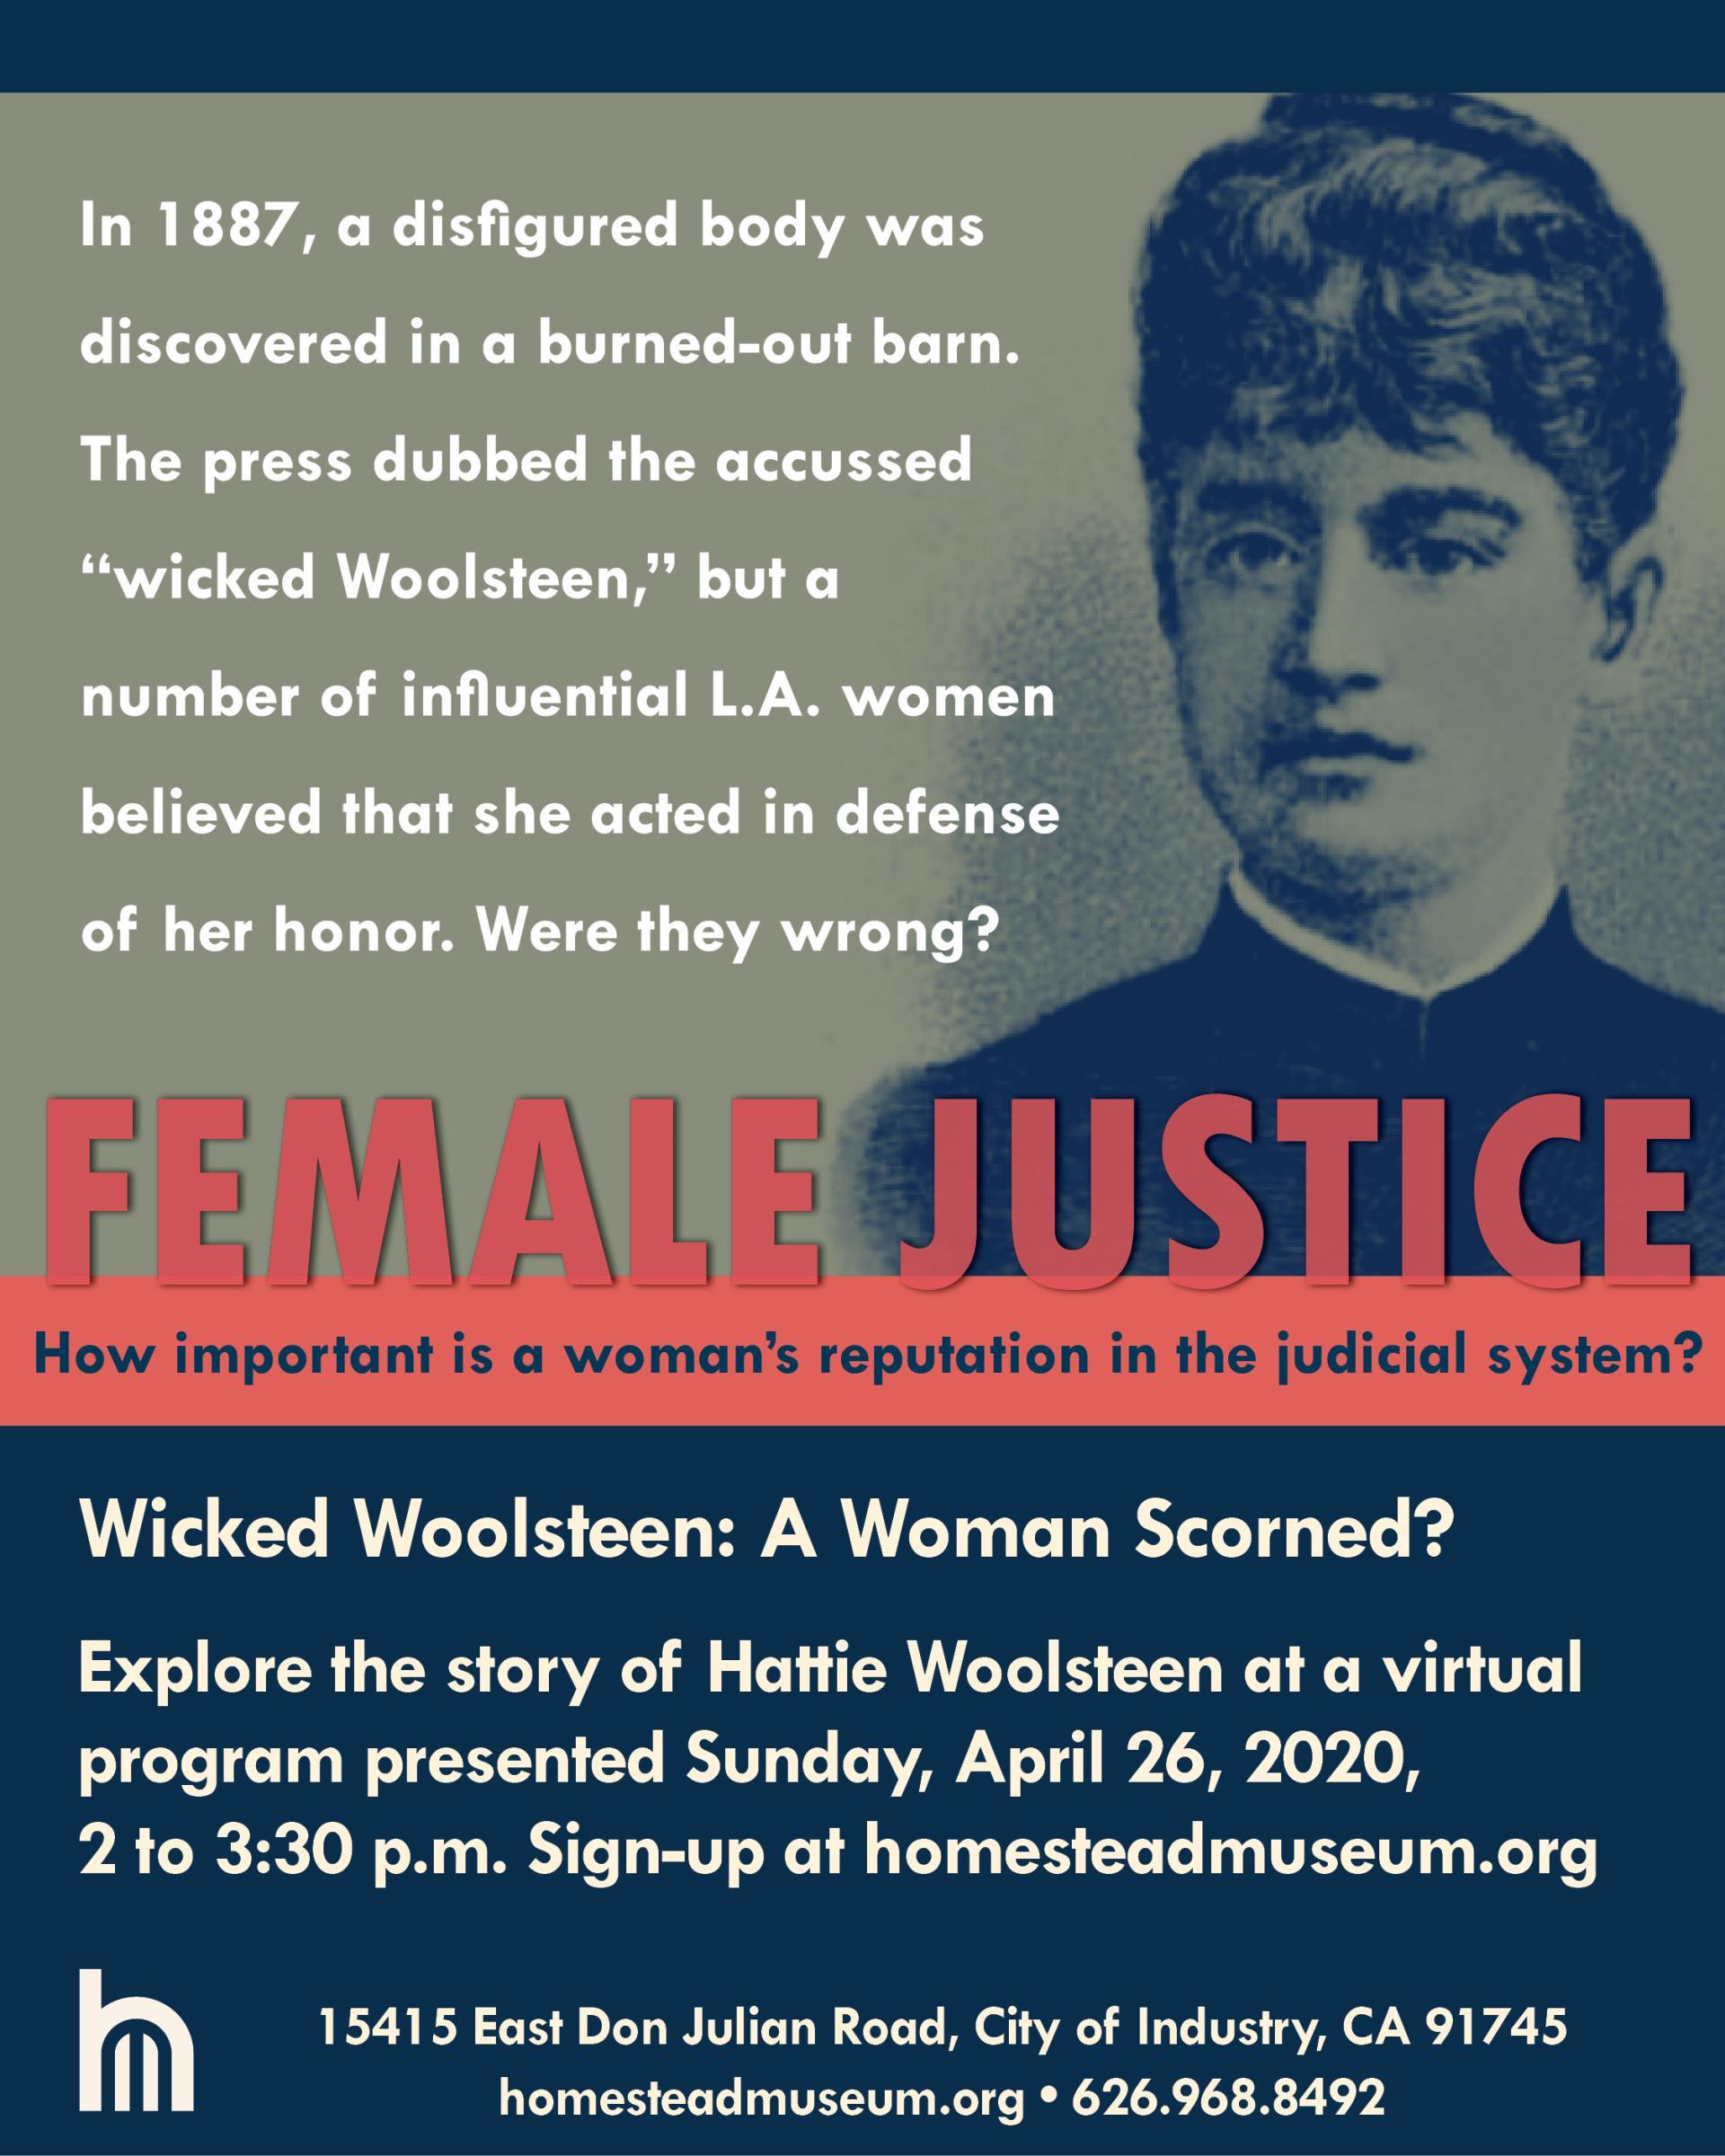 Female Justice 2020 Apri 26 Virtual